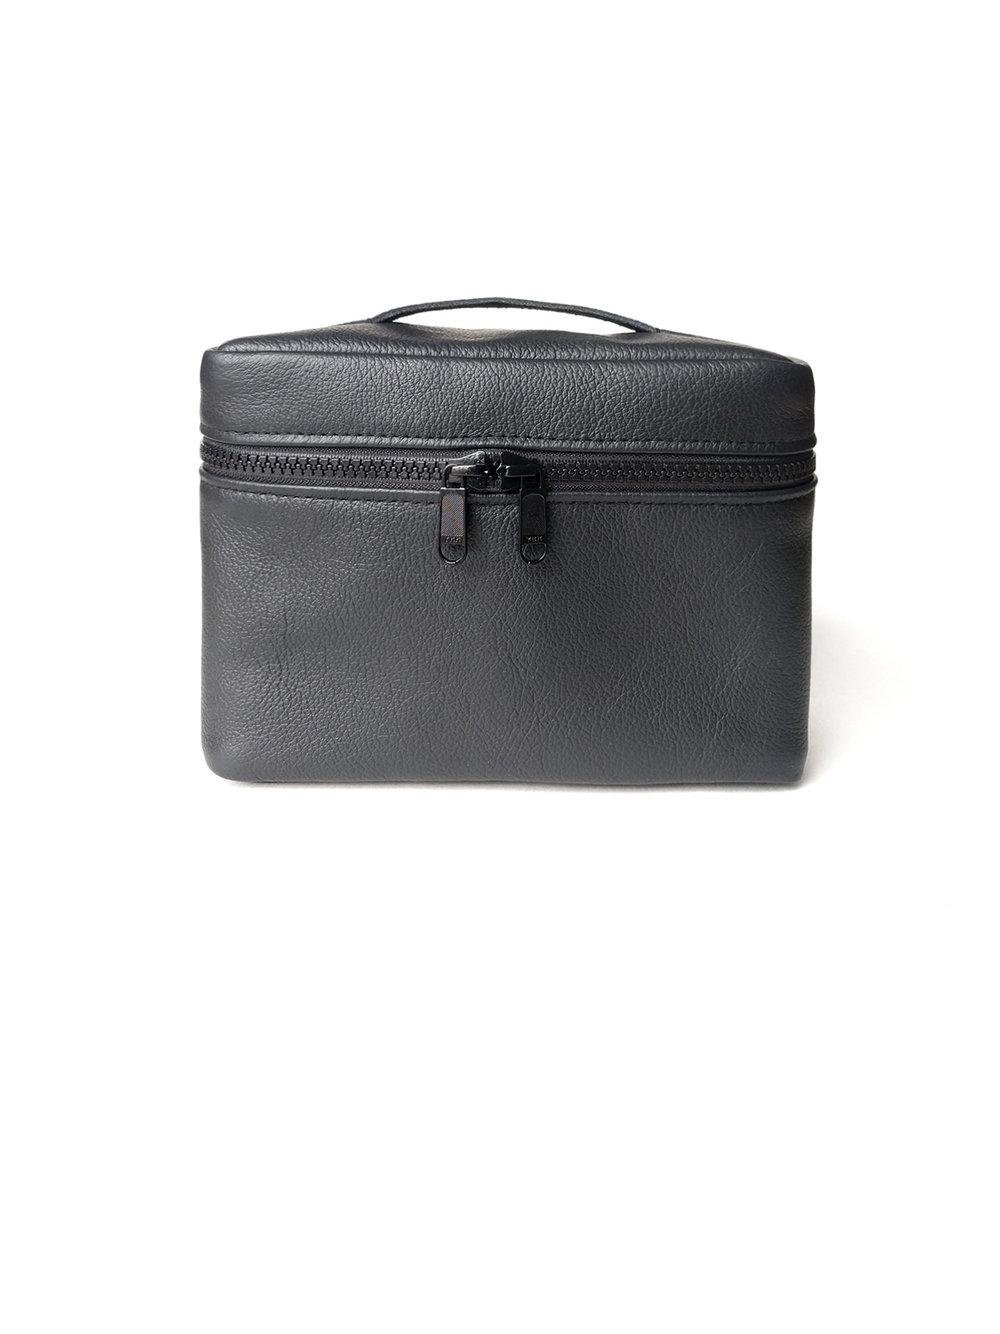 Trousse en cuir Box - 90.00$